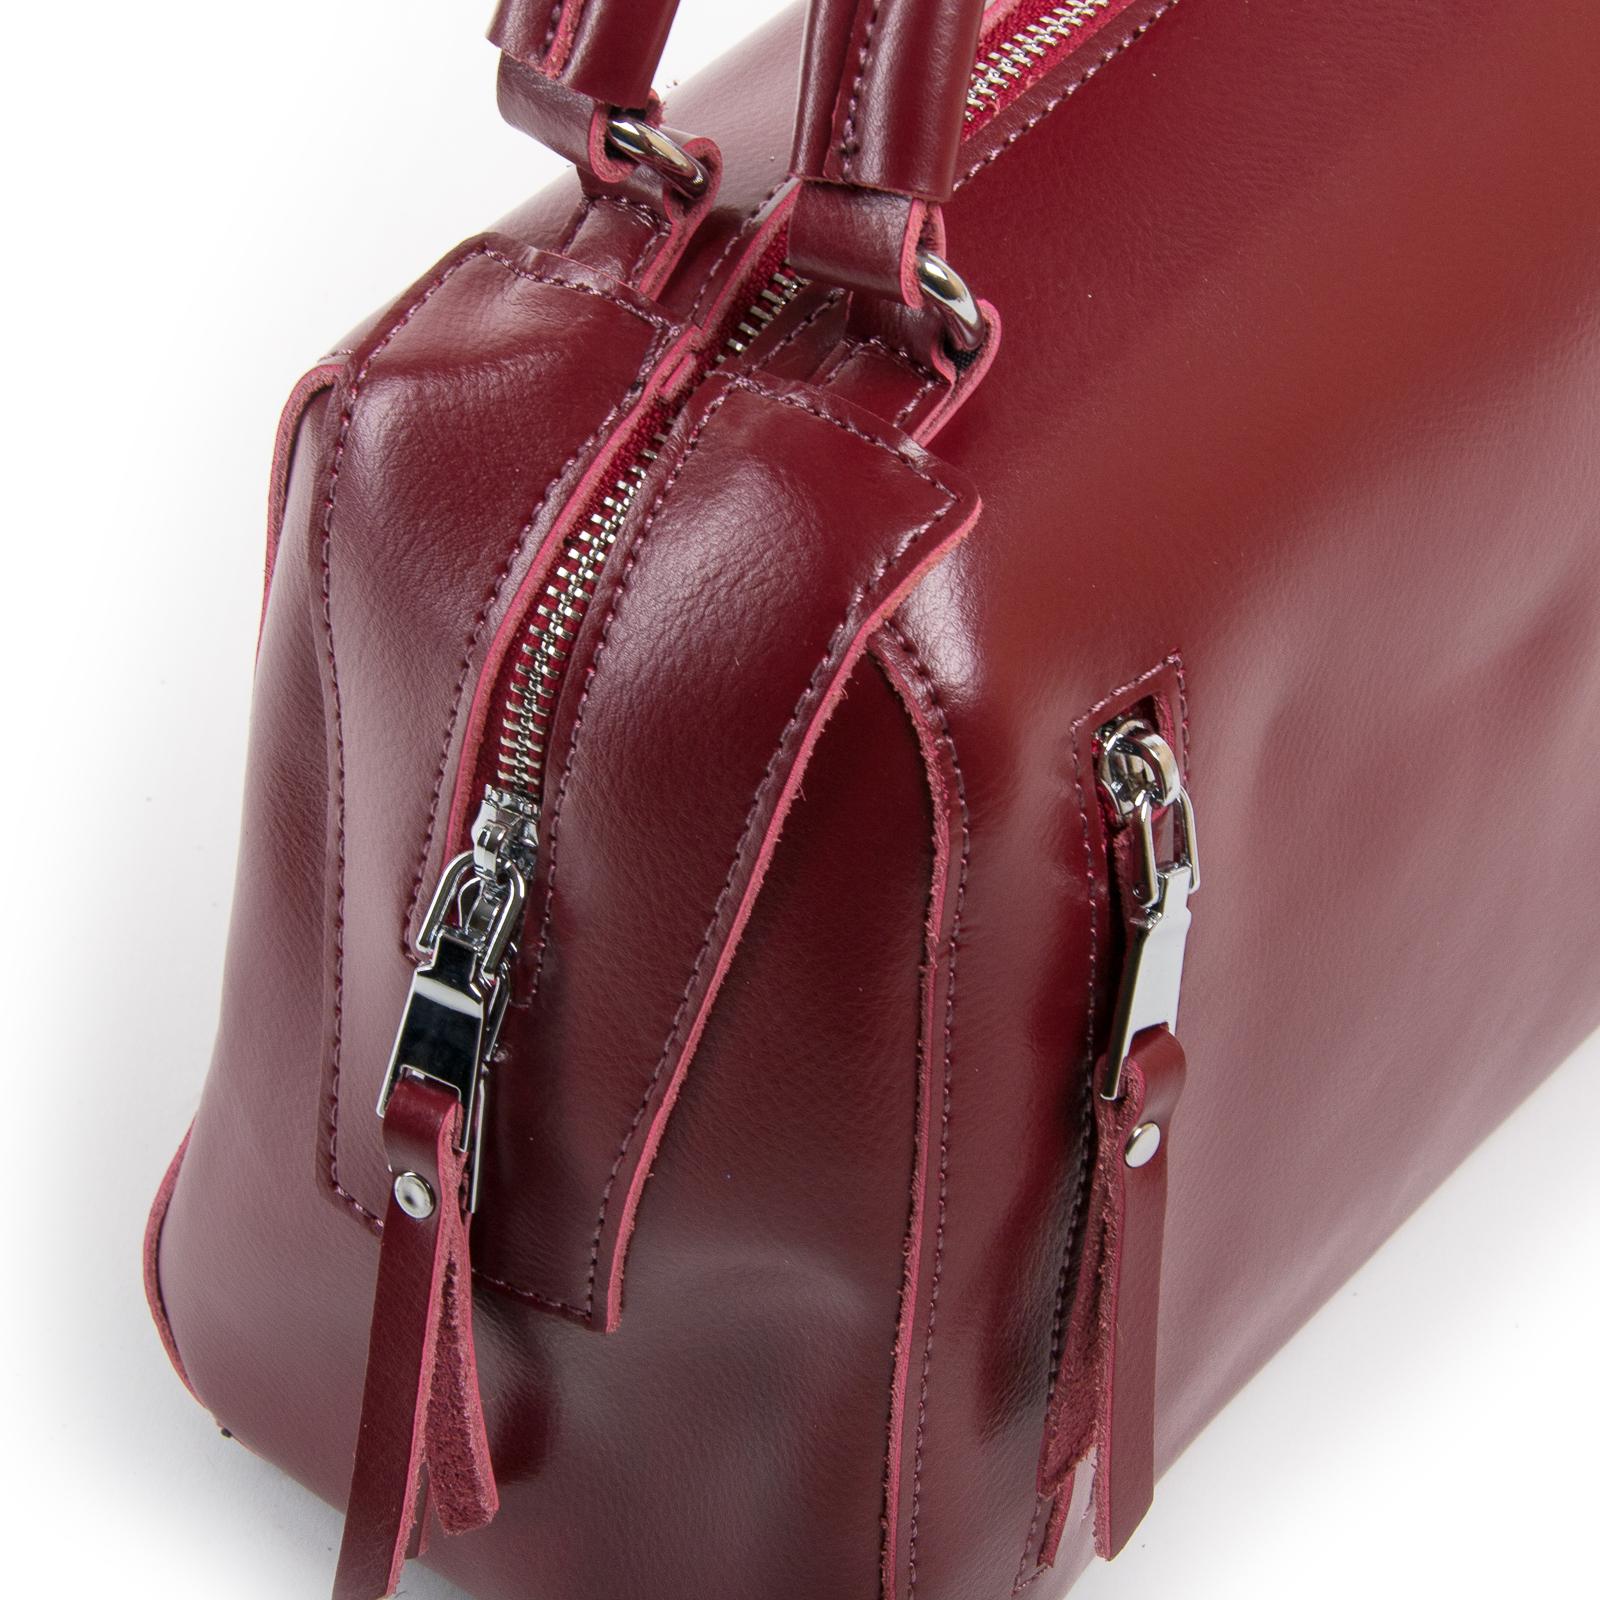 Сумка Женская Классическая кожа ALEX RAI 03-01 8763 wine-red - фото 3